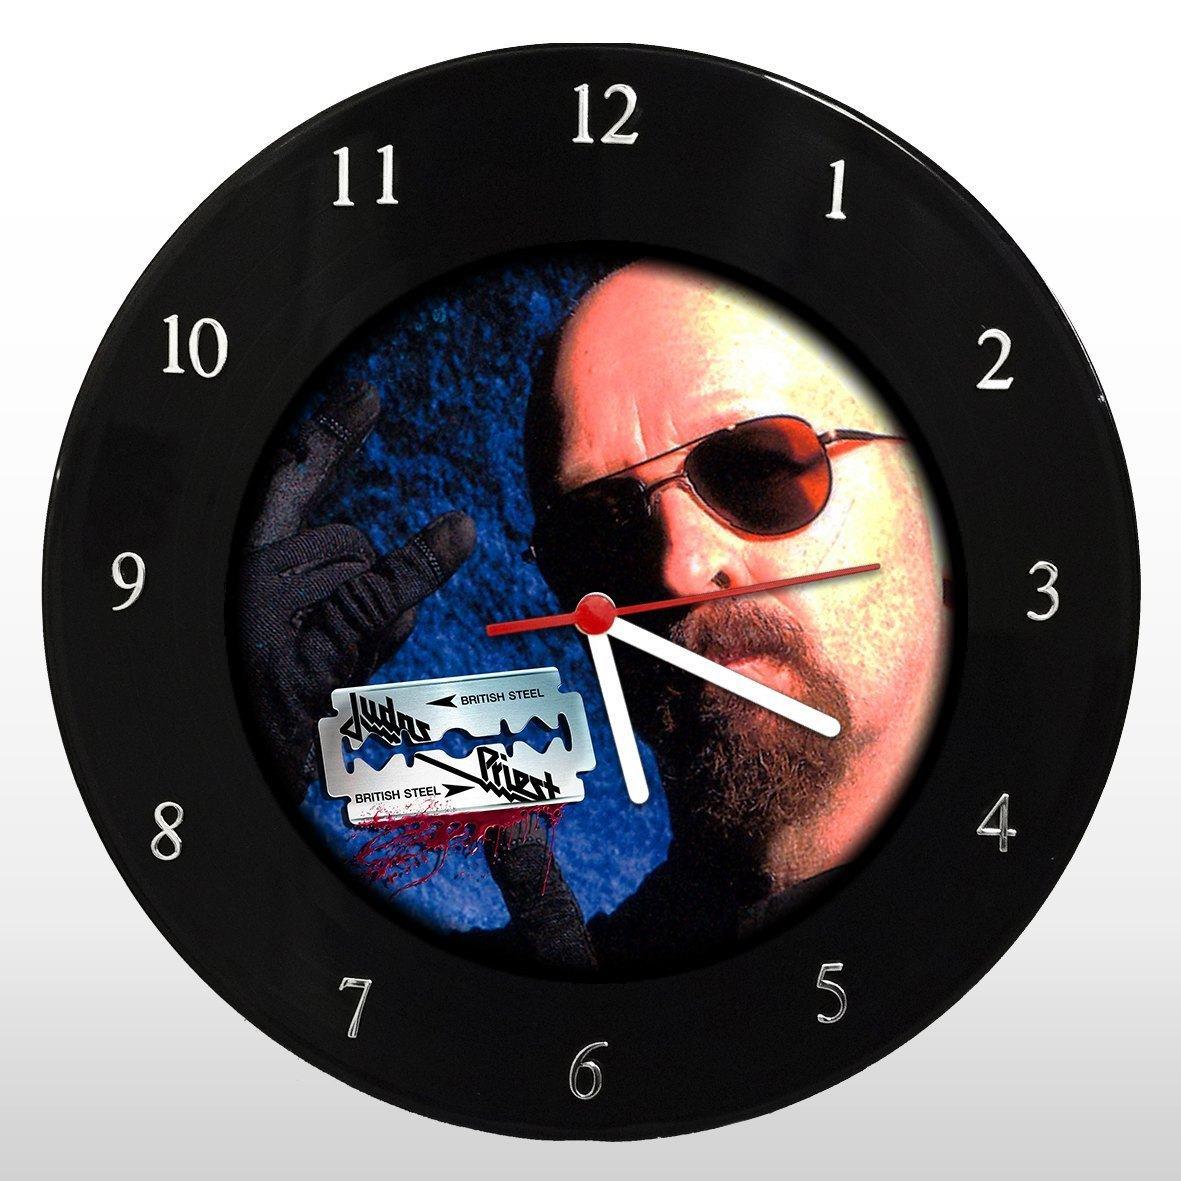 Judas Priest - Relógio de Parede em Disco de Vinil - Mr. Rock